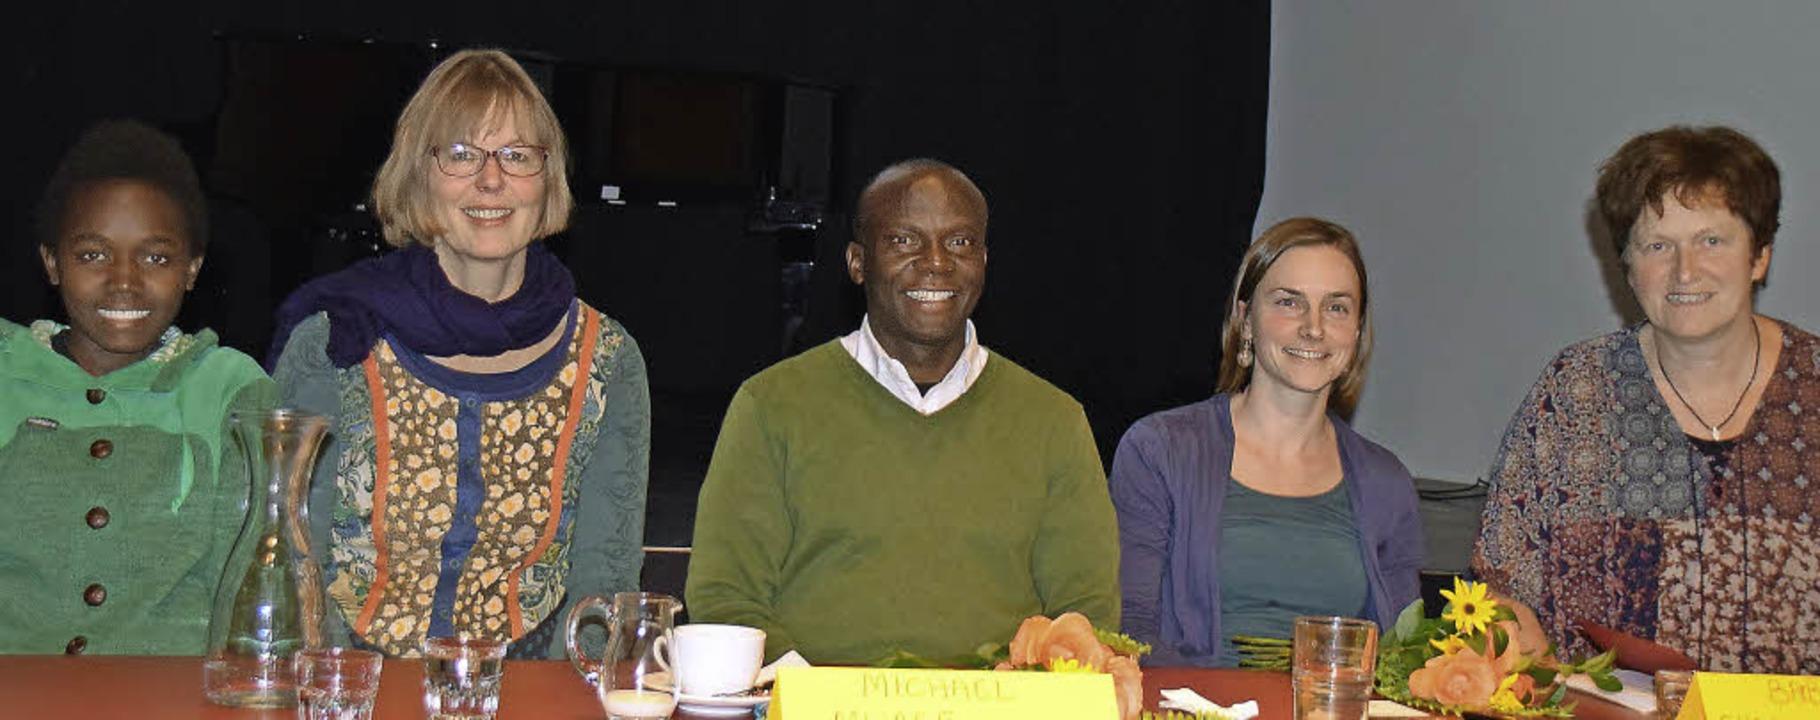 Annäherungen an Uganda im Werkraum Sch...hrensberger, Gertrud Schweizer-Ehrler   | Foto: Sarah Nöltner